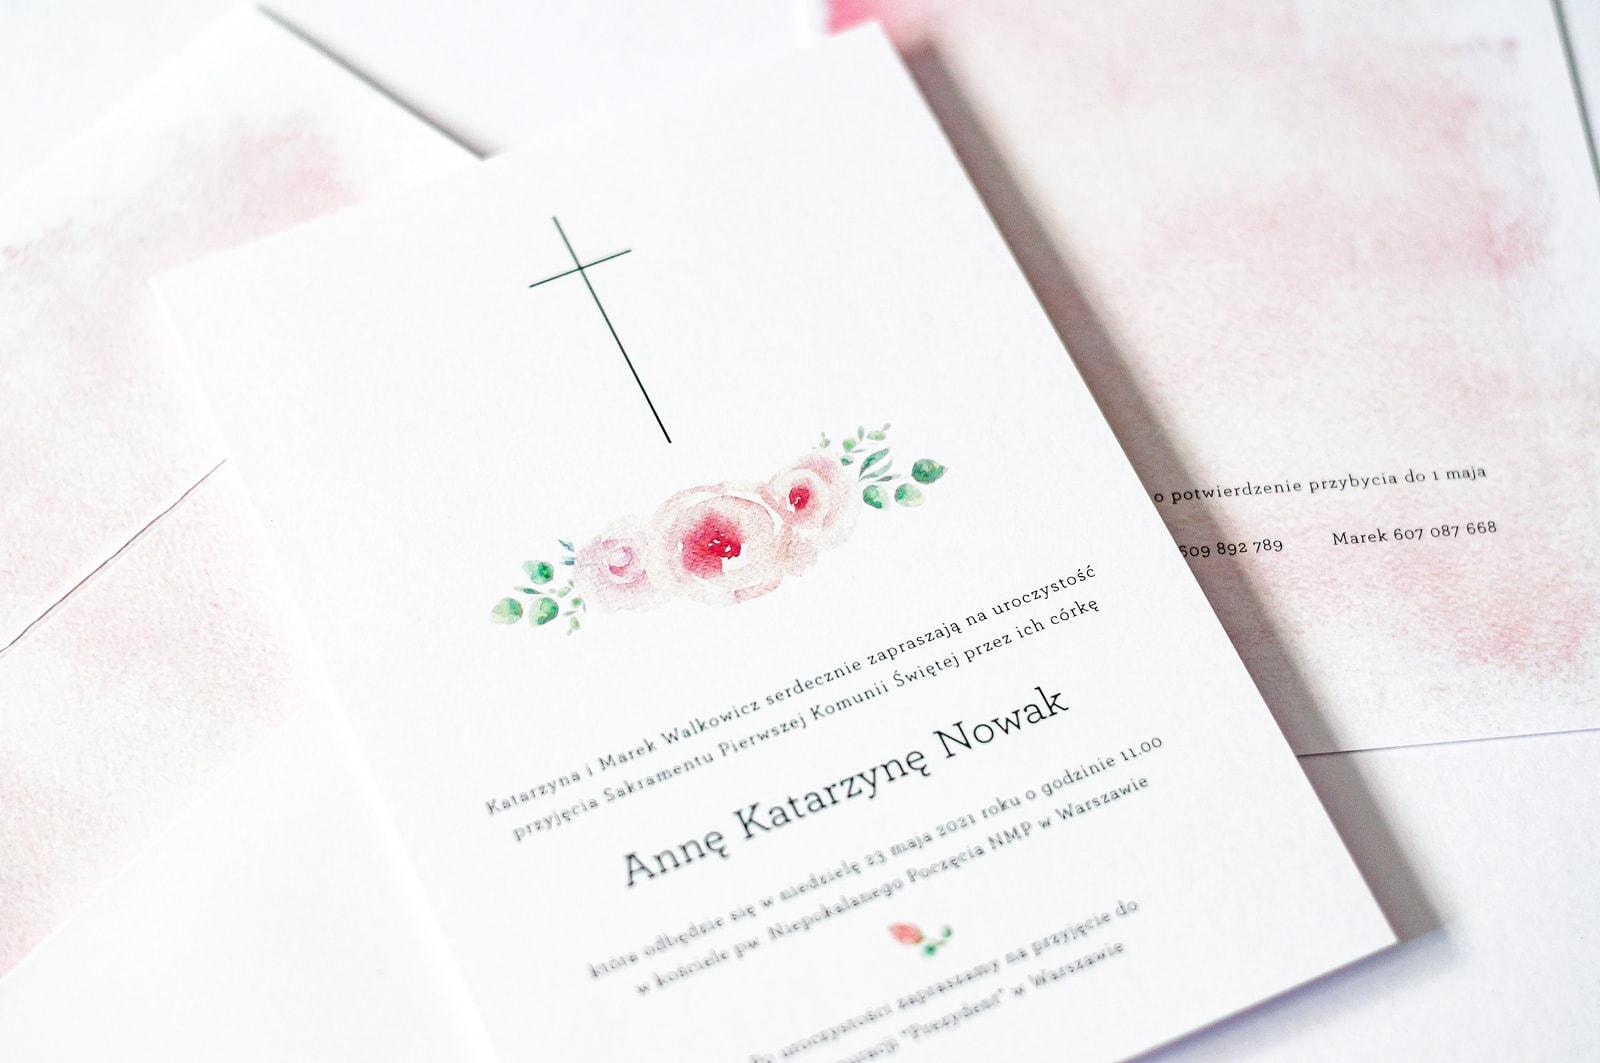 Zaproszenia na Komunię Piwonia, proste i eleganckie z różowymi kwiatami